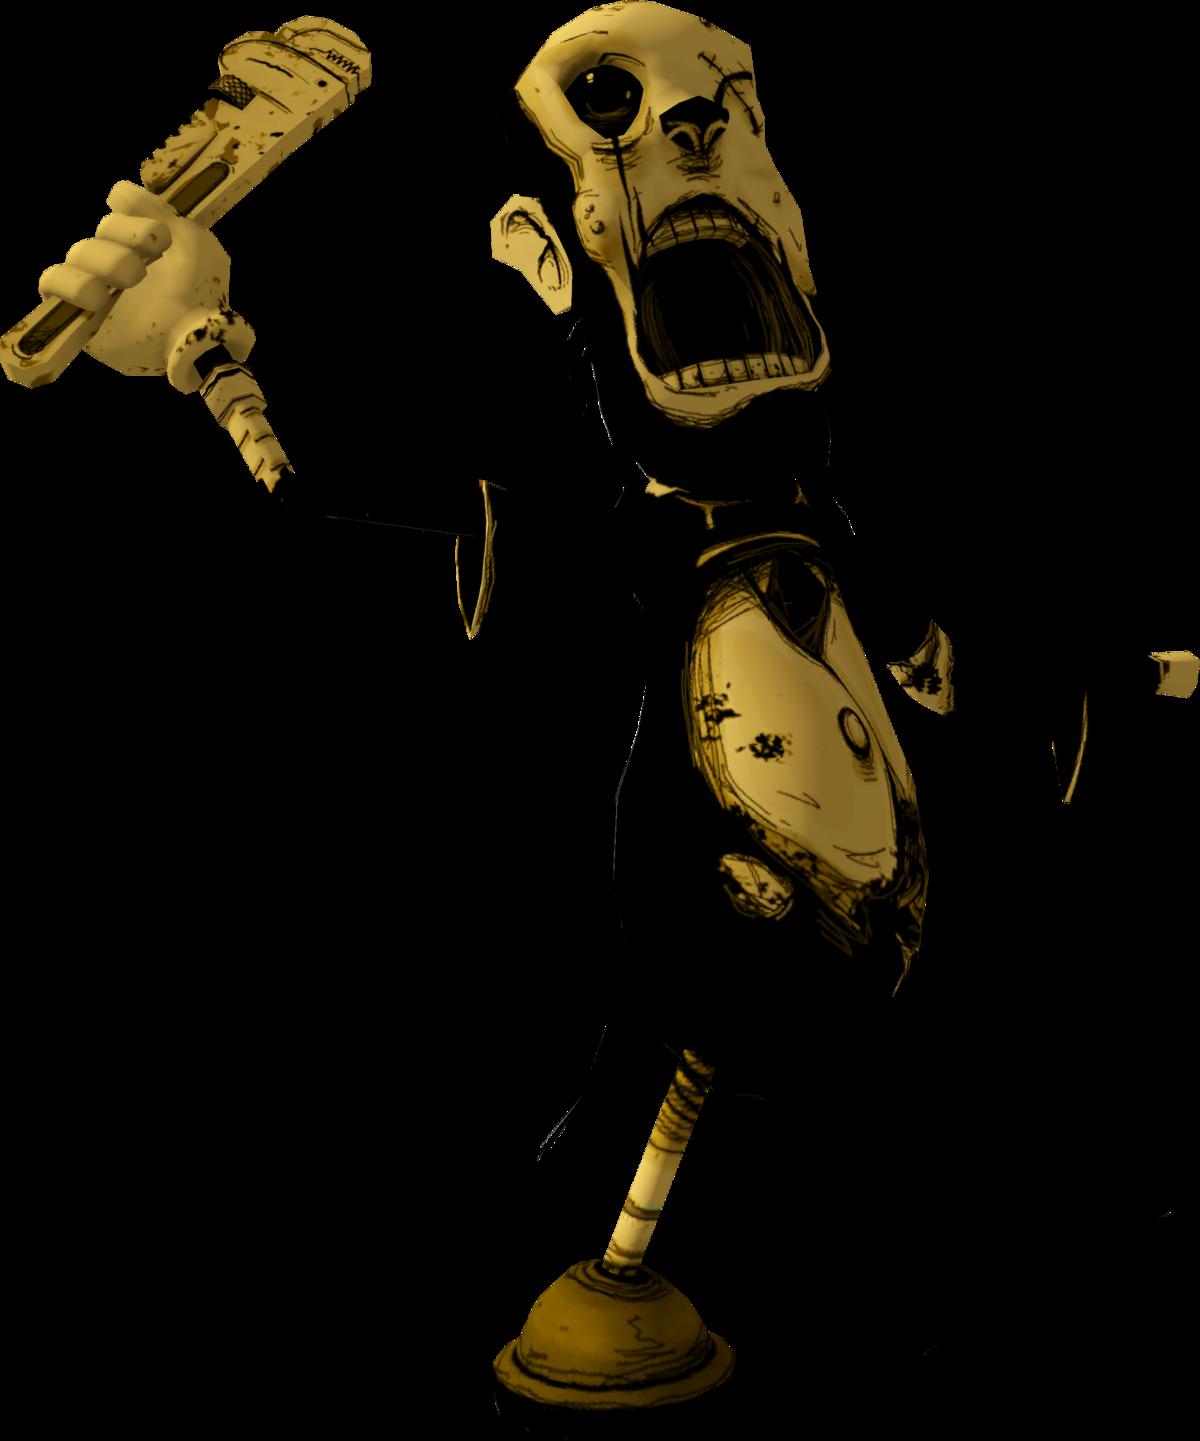 одно тех картинки персонажи из игры бенди материалы, использующиеся при